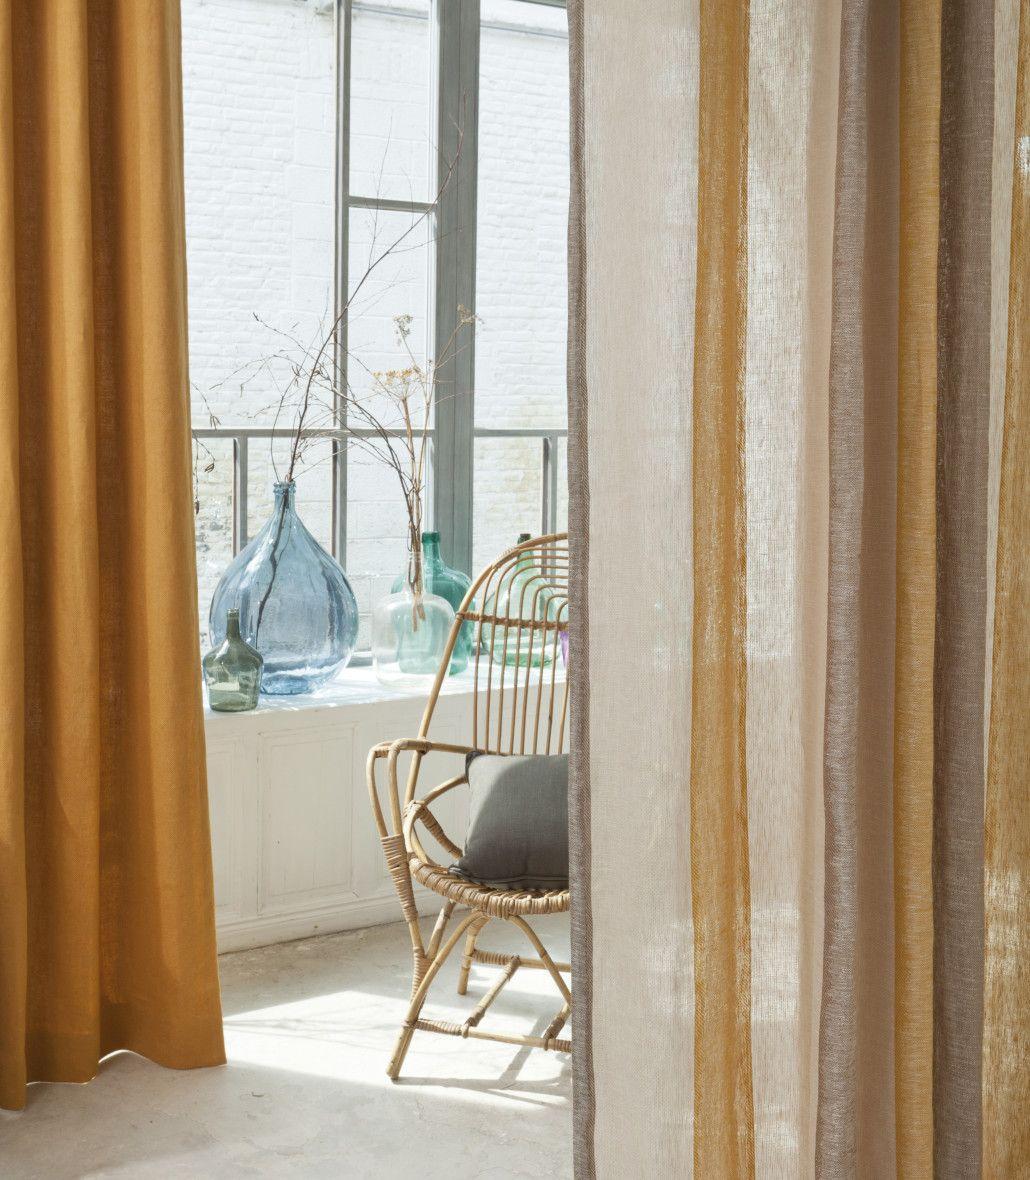 7 id es d co pour transformer votre maison en paradis. Black Bedroom Furniture Sets. Home Design Ideas